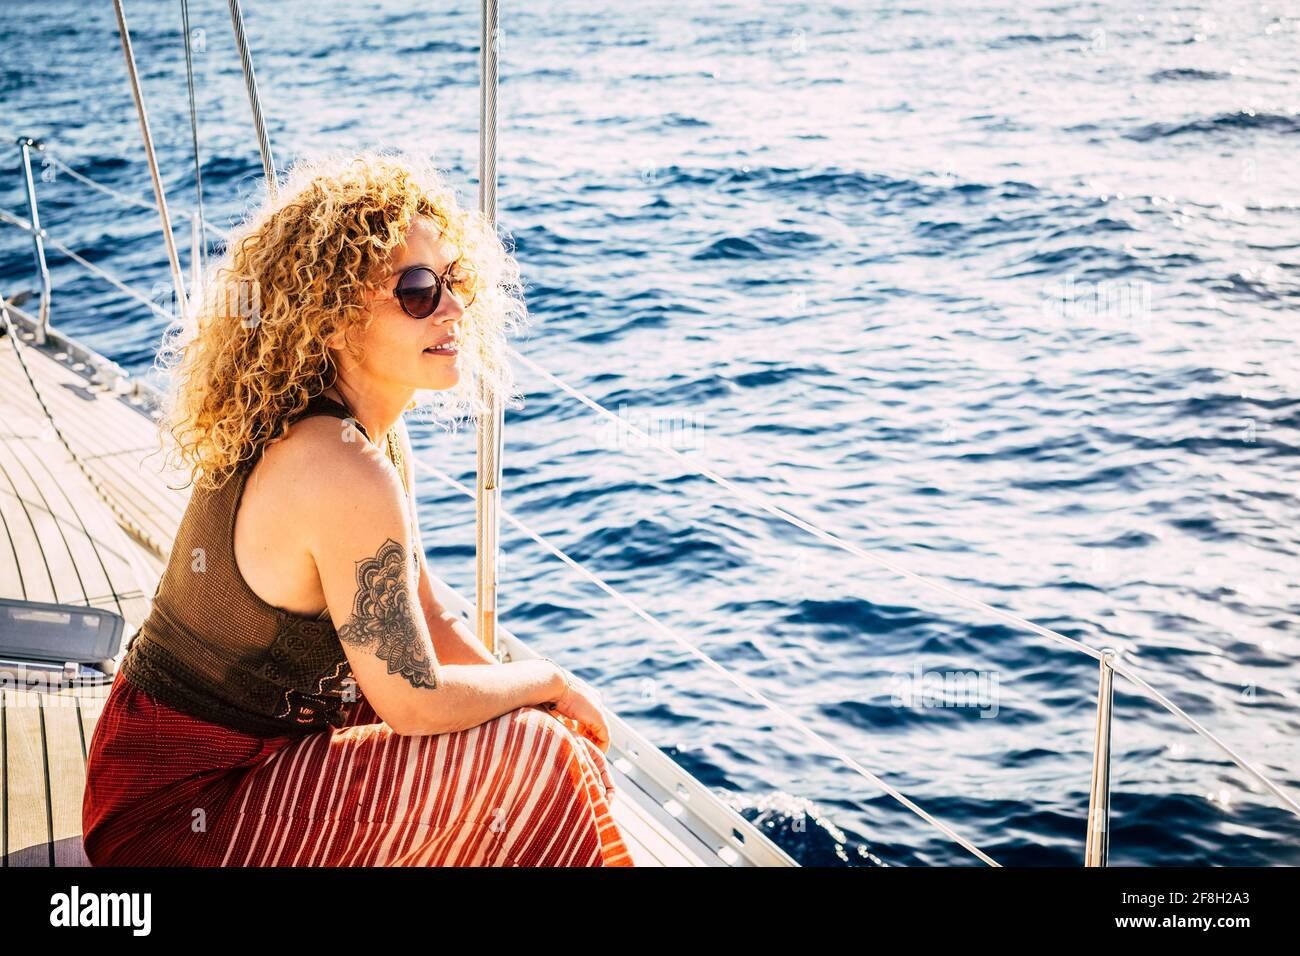 Fröhliche attraktive junge Erwachsene blonde Frau lächeln und genießen Sie die Ausflug auf dem Segelbootdeck mit Blick auf die Blaues Meer um - Konzept von Stockfoto